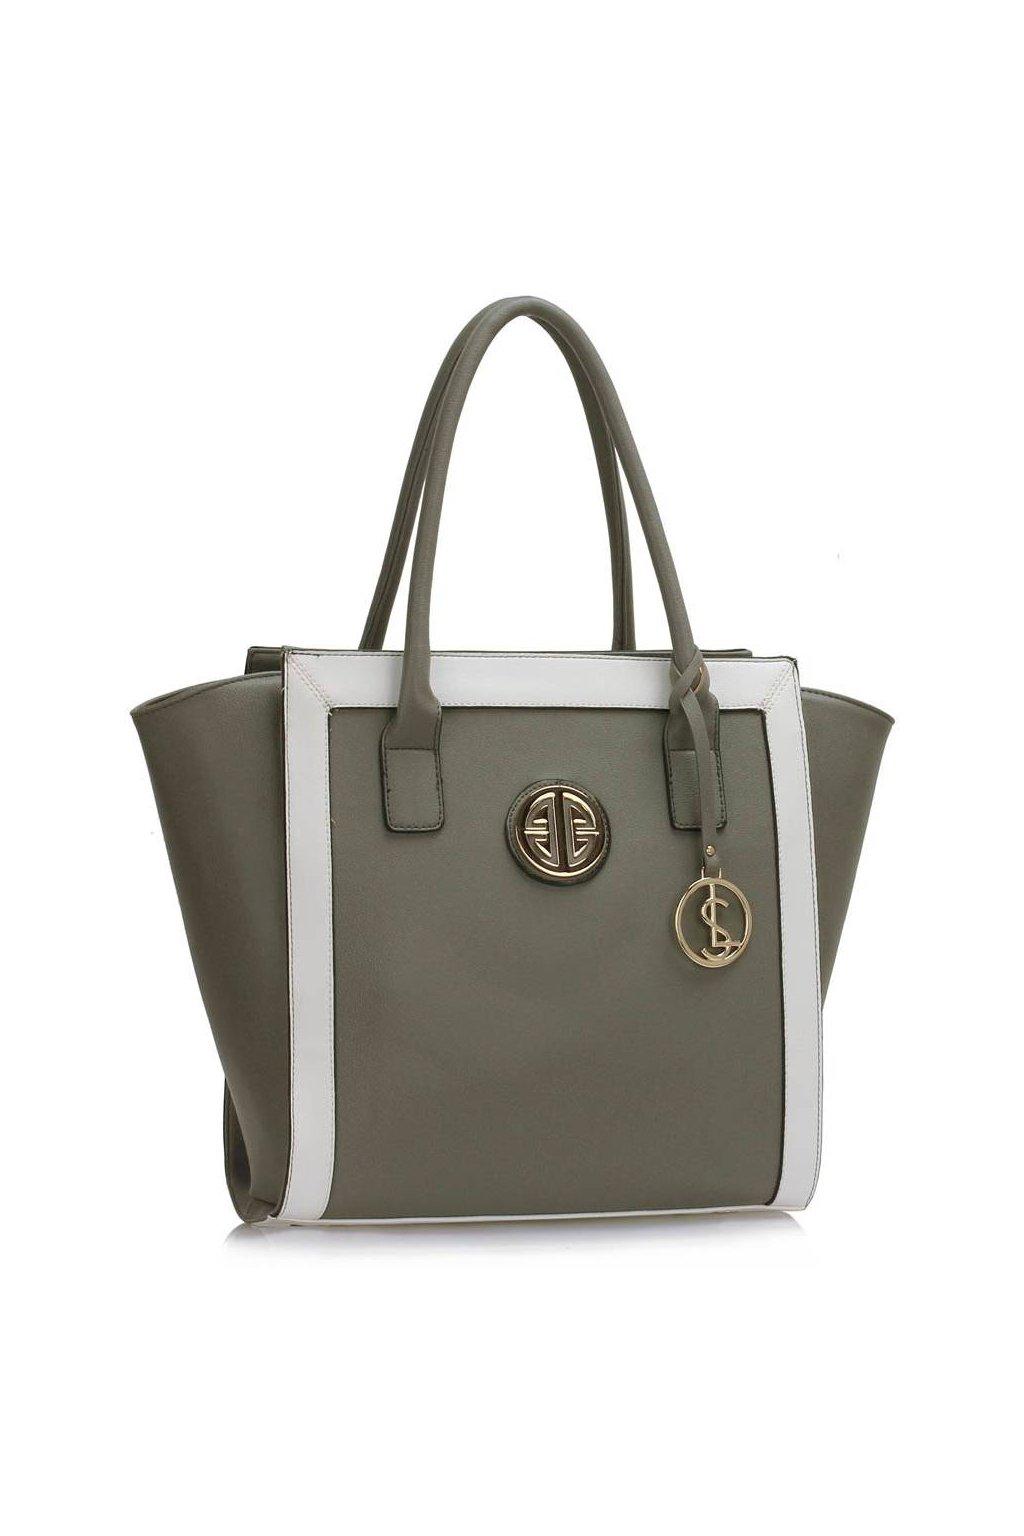 Shopper kabelka do ruky Carin sivá   biela b882234ce47